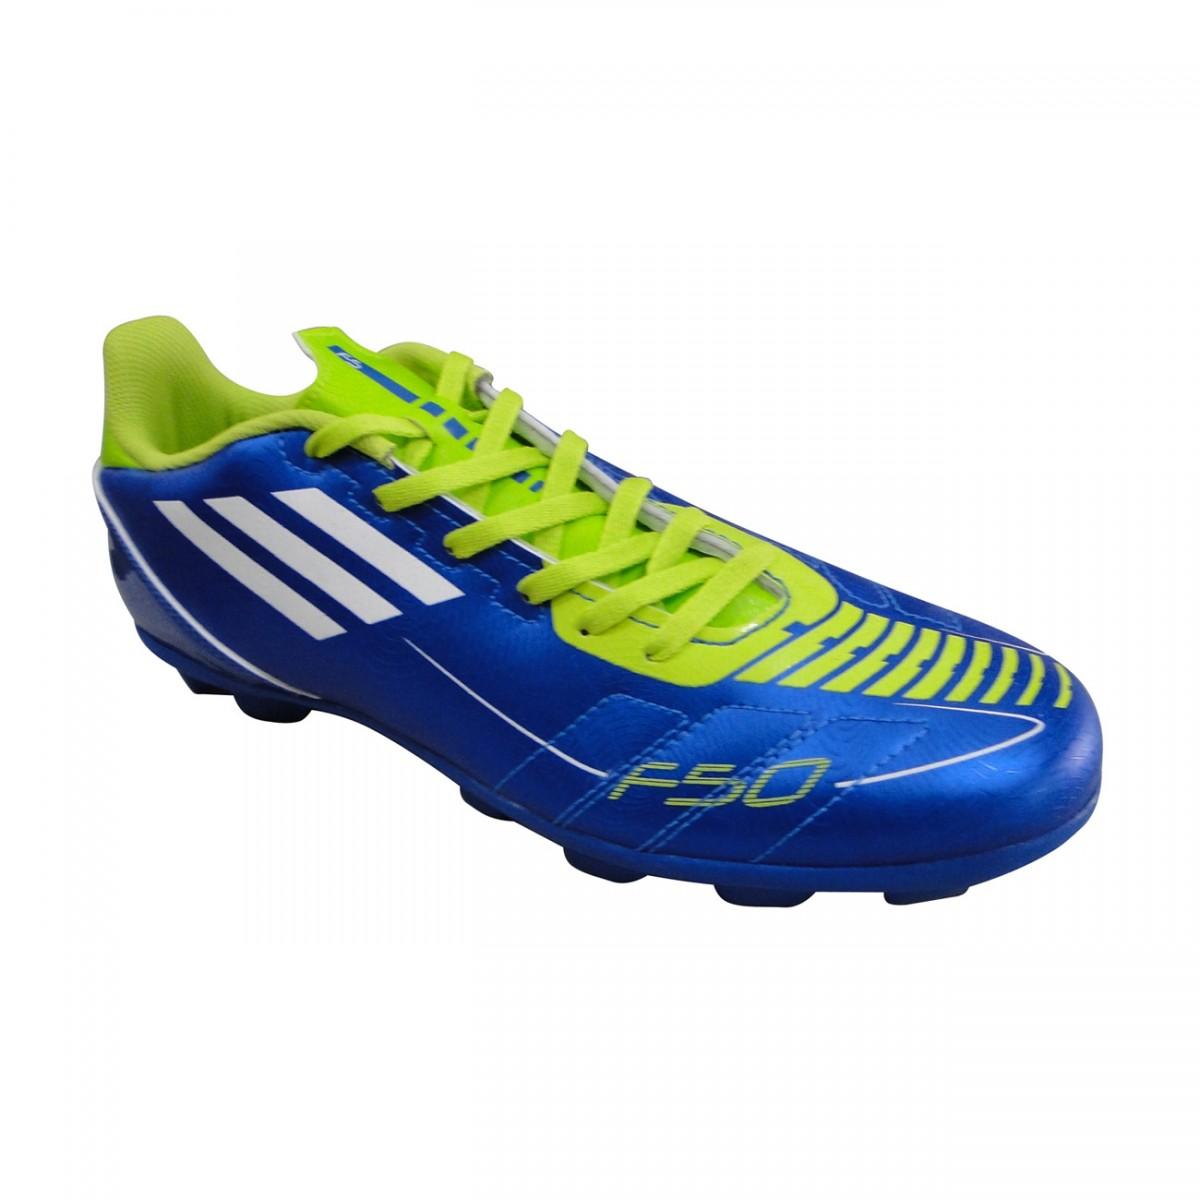 Chuteira Adidas F5 Infantil 3052 - AZUL BRANCO VERDE LIMAO ... fbcfc604f5689